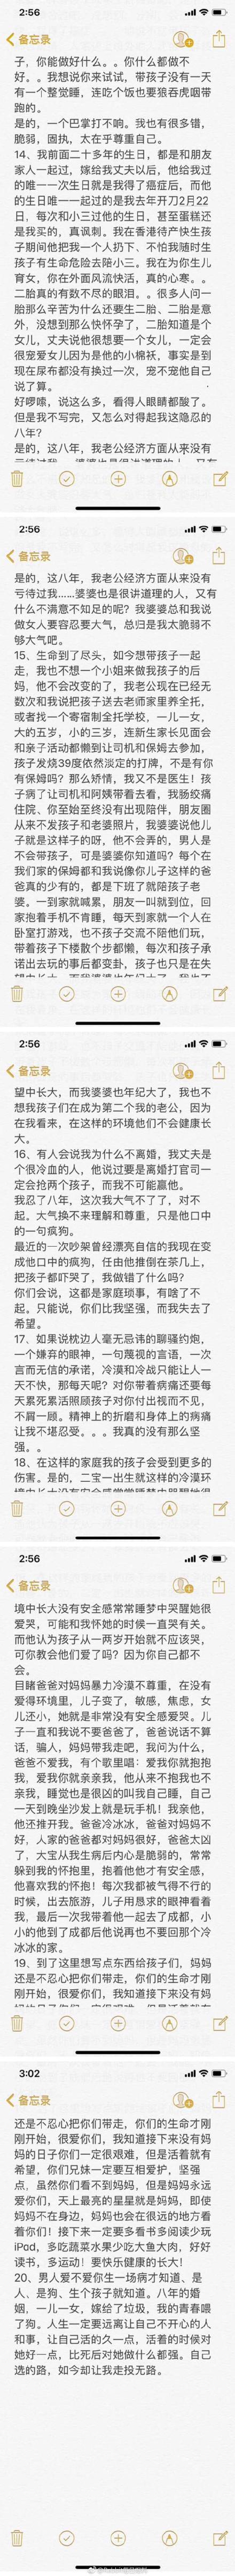 友人证实女星沈丽君自杀身亡:因丈夫出轨小三挑衅